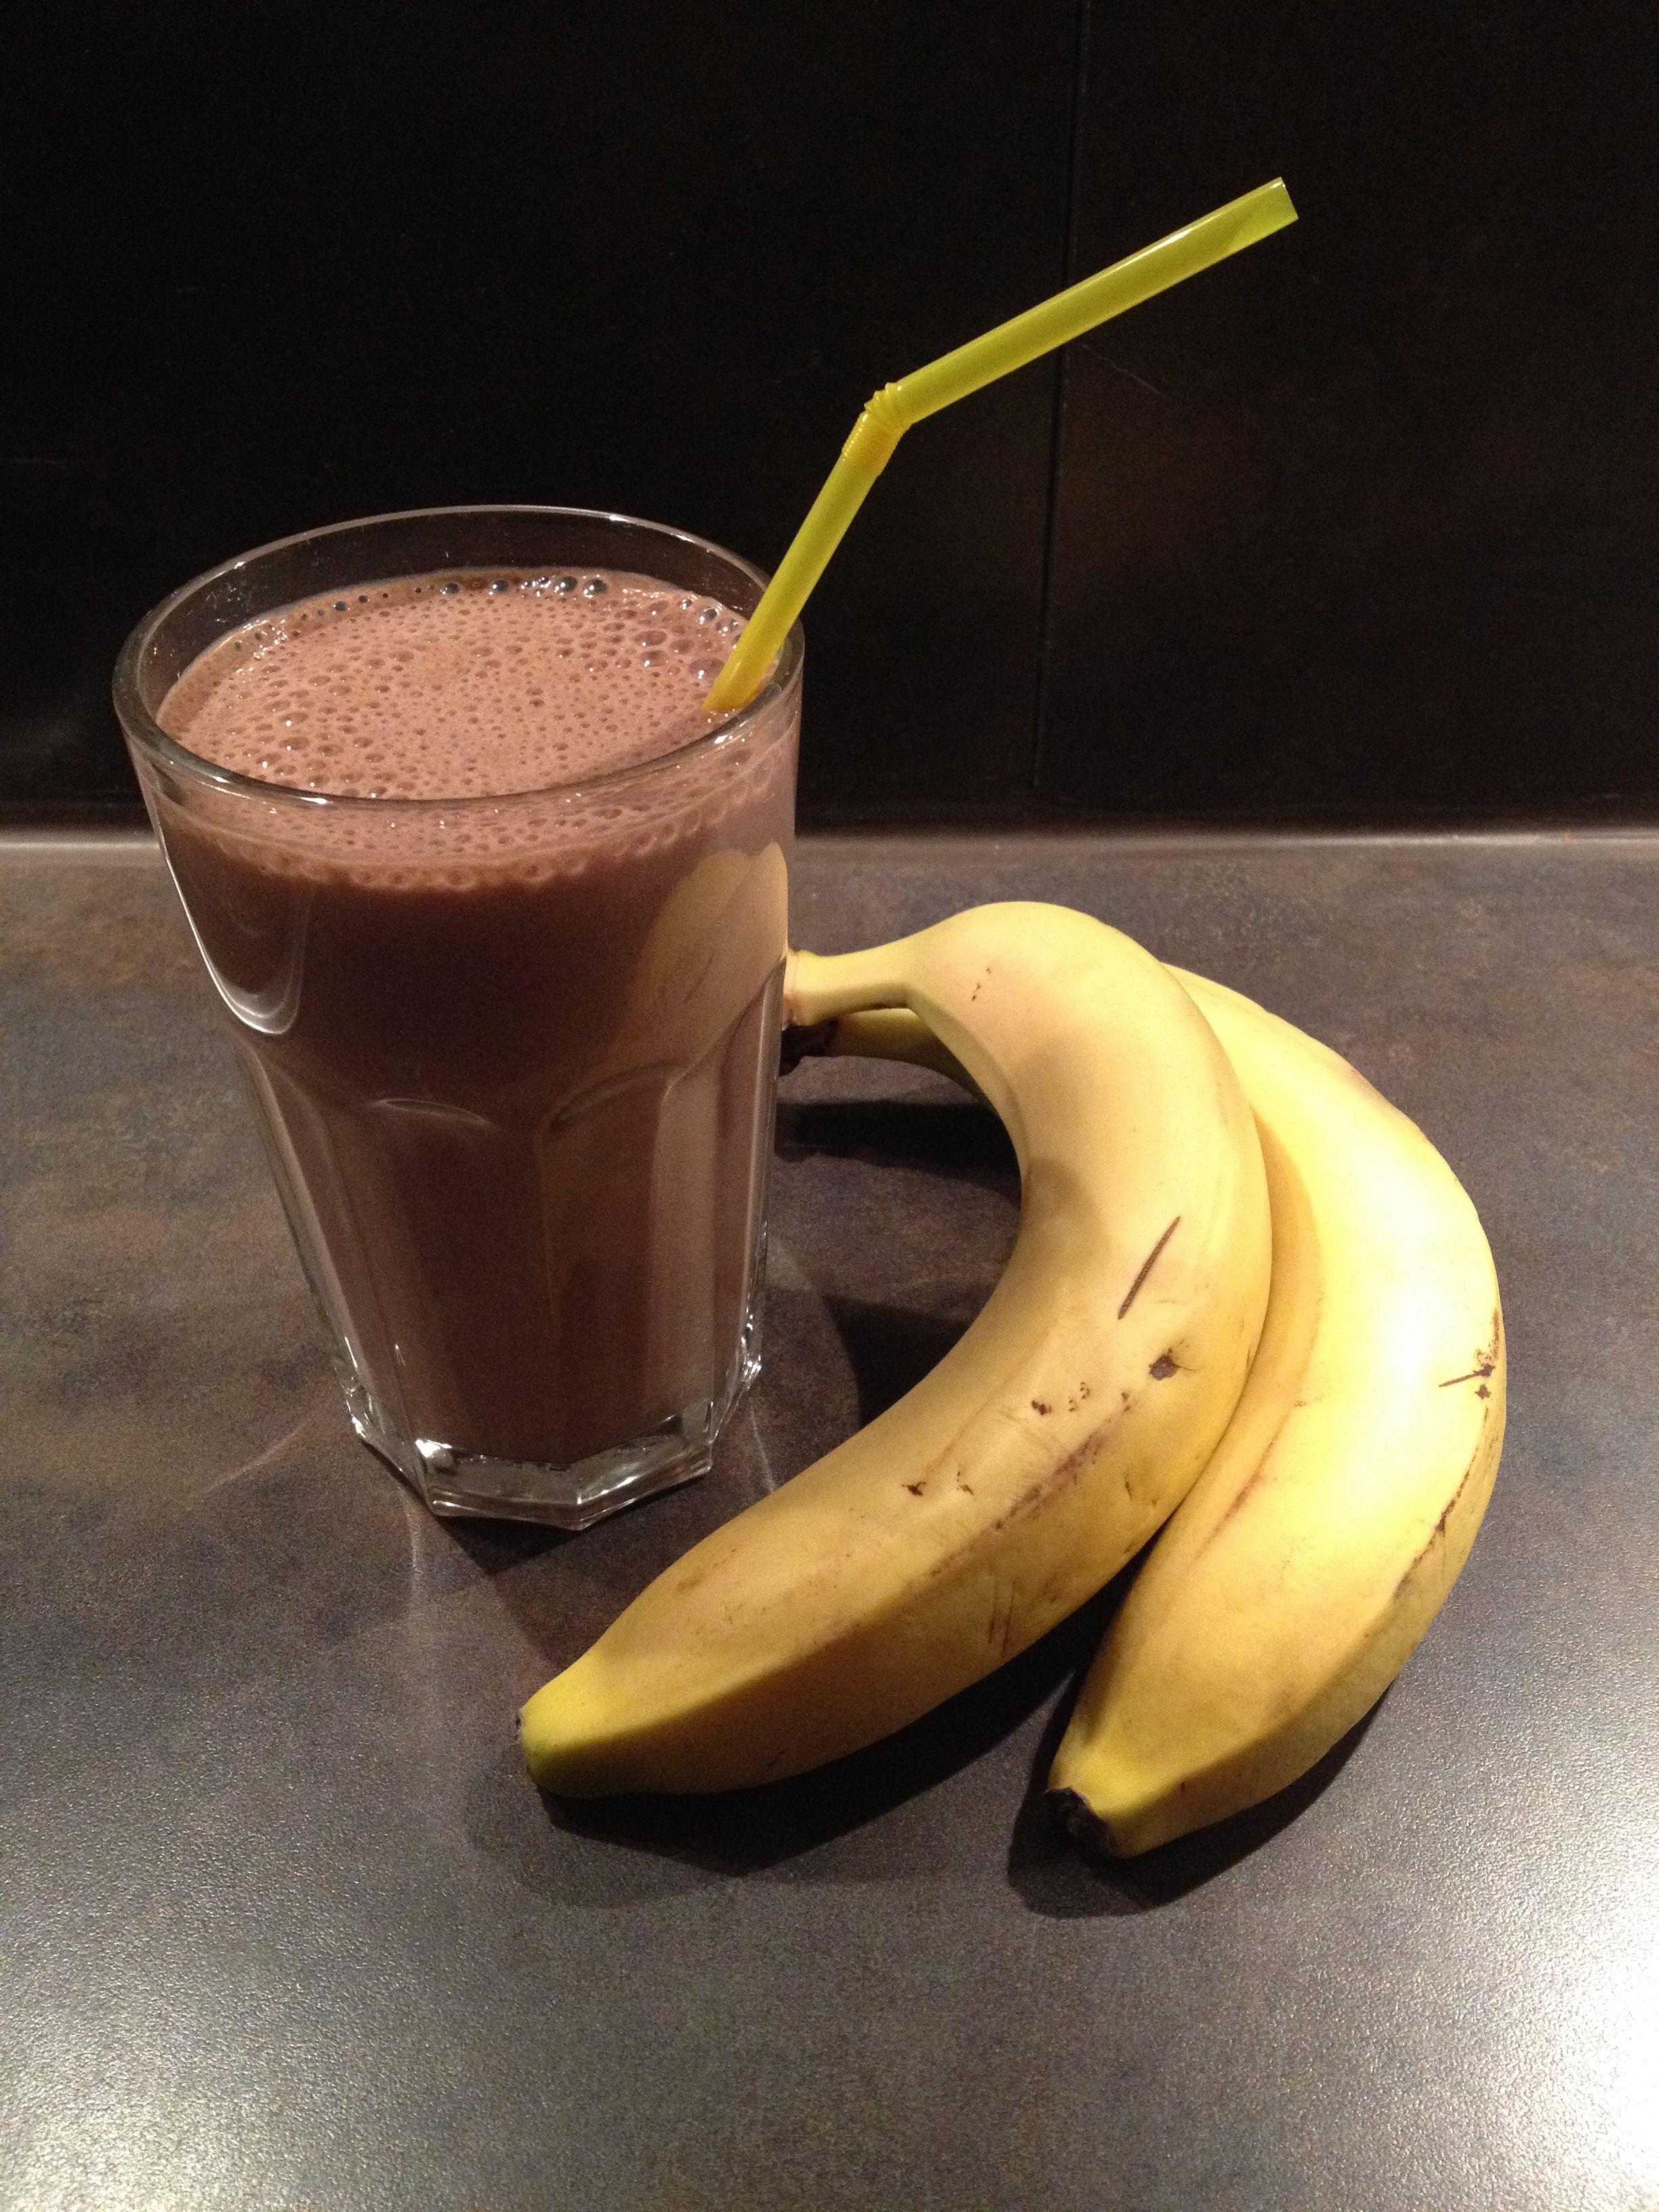 Bananen-Schoko-Milchshake - Herdgeflüster